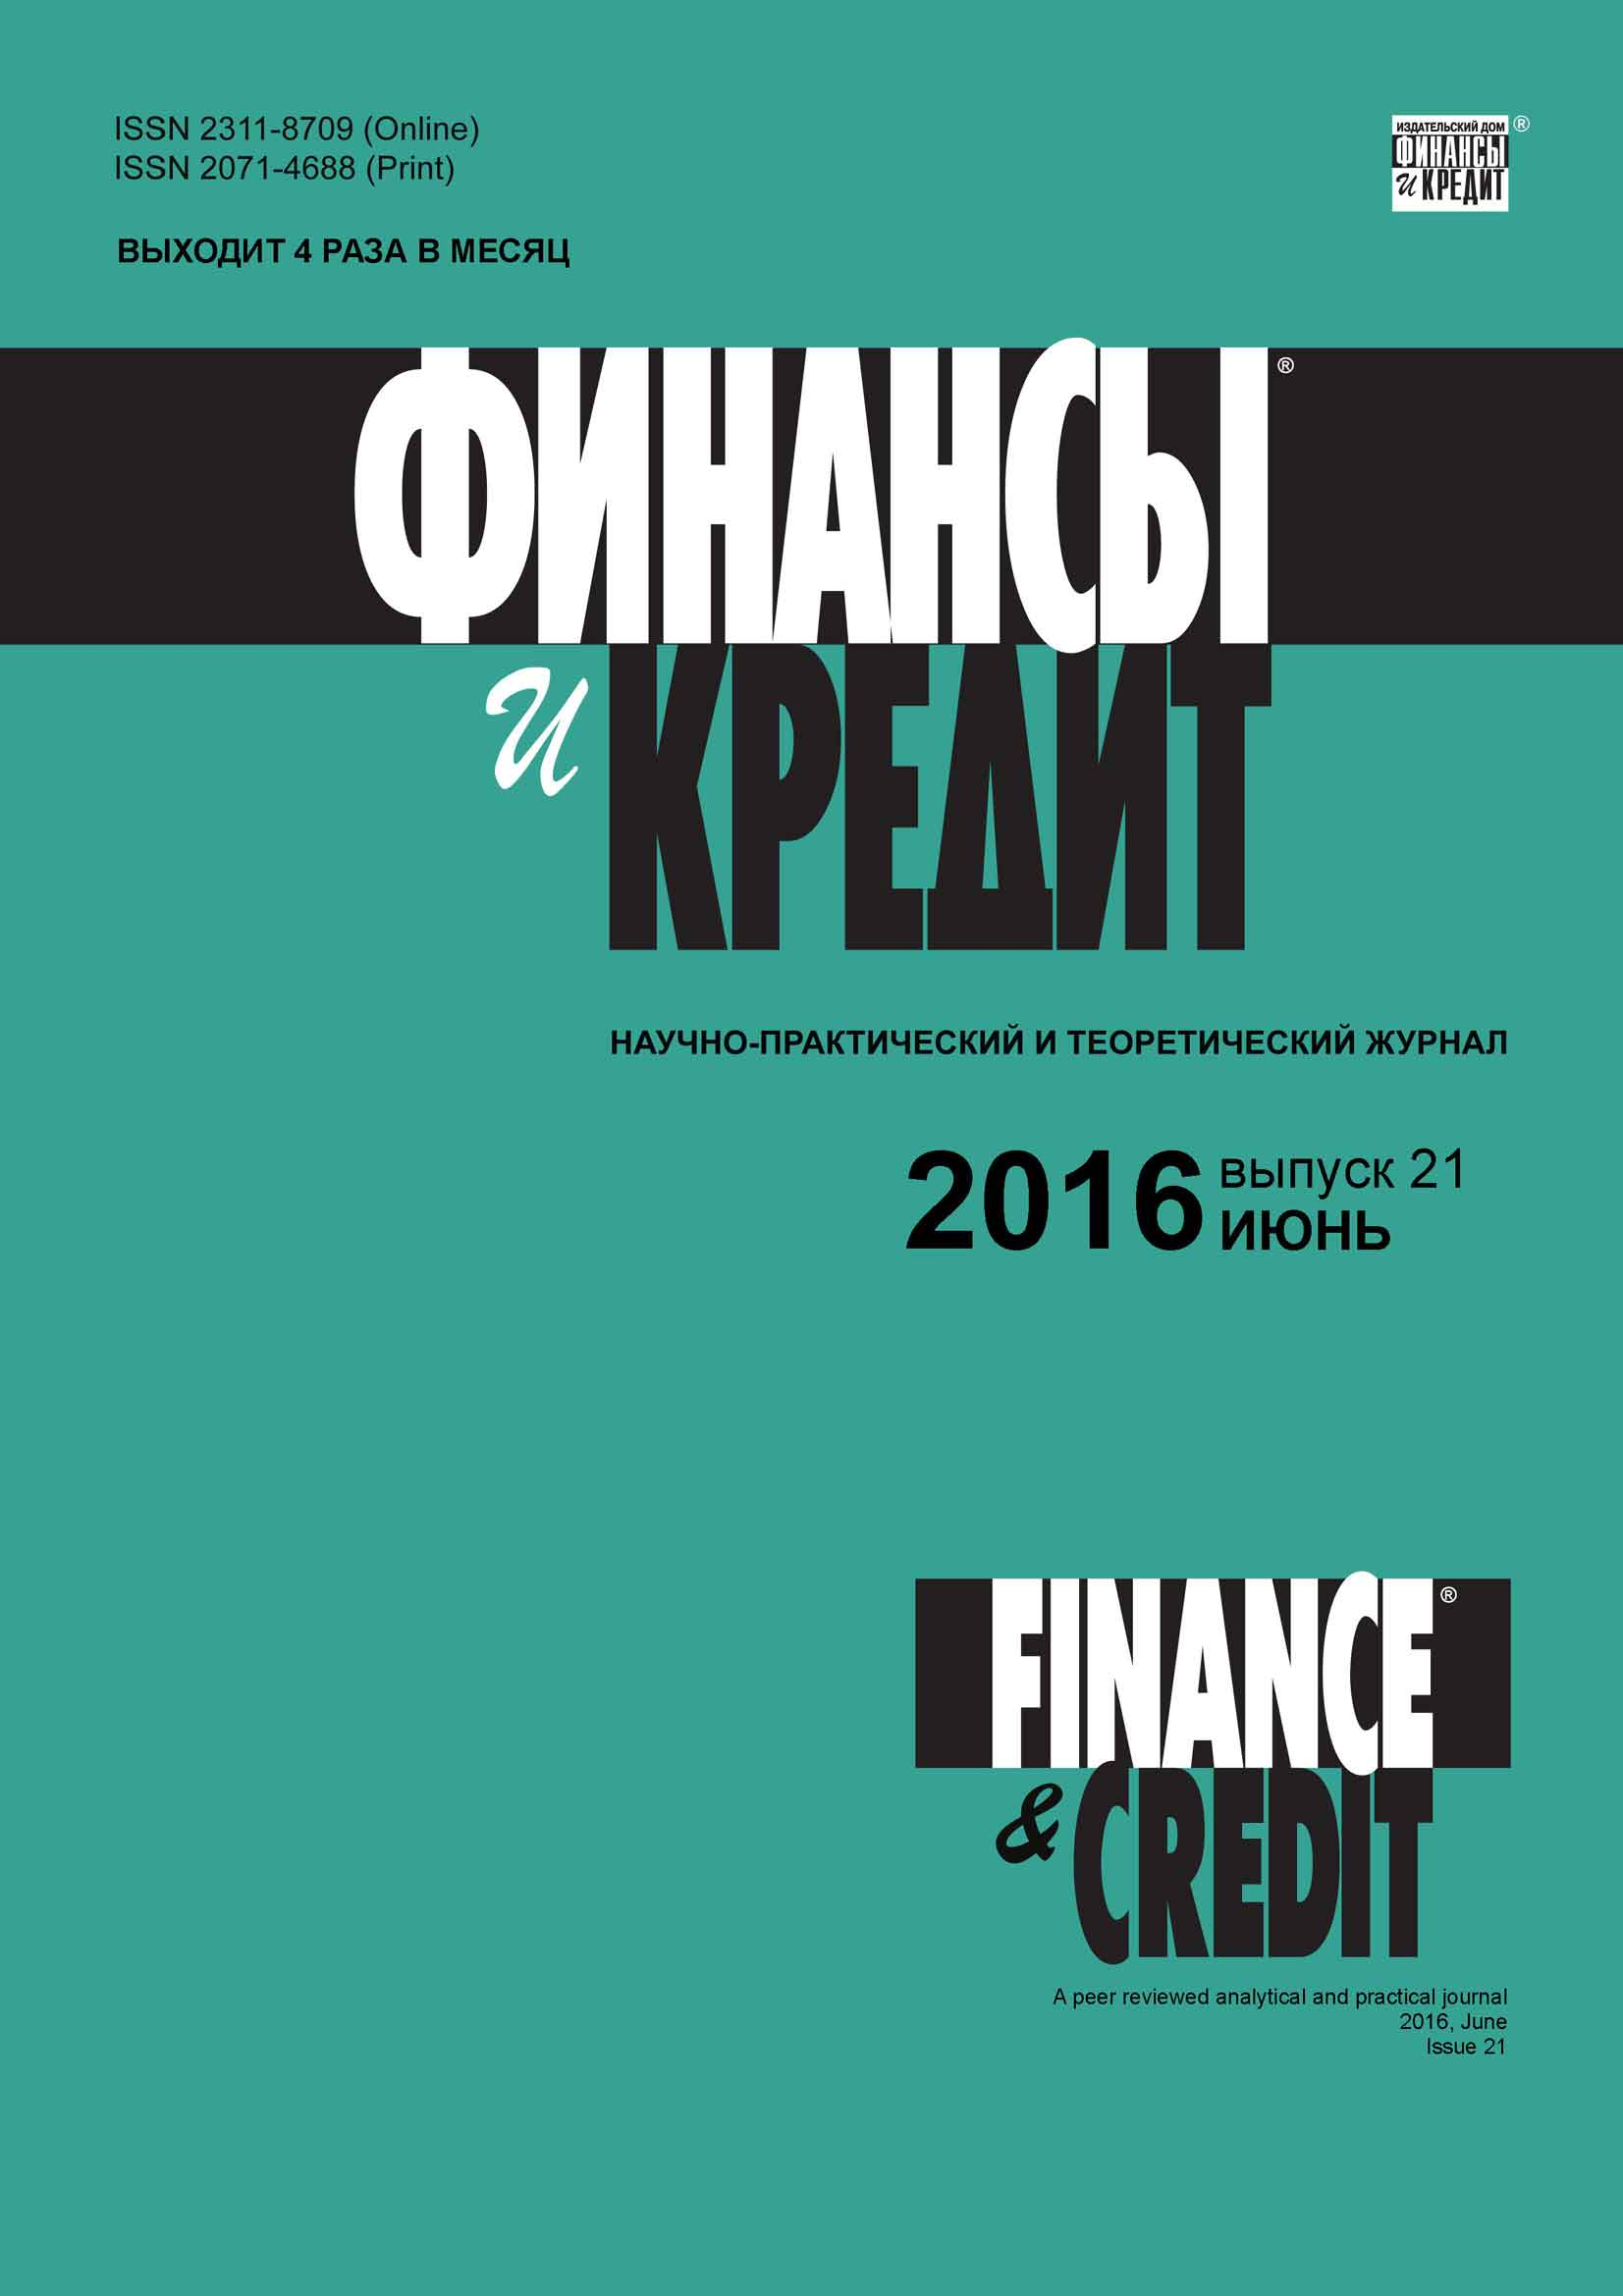 Финансы и Кредит № 21 (693) 2016